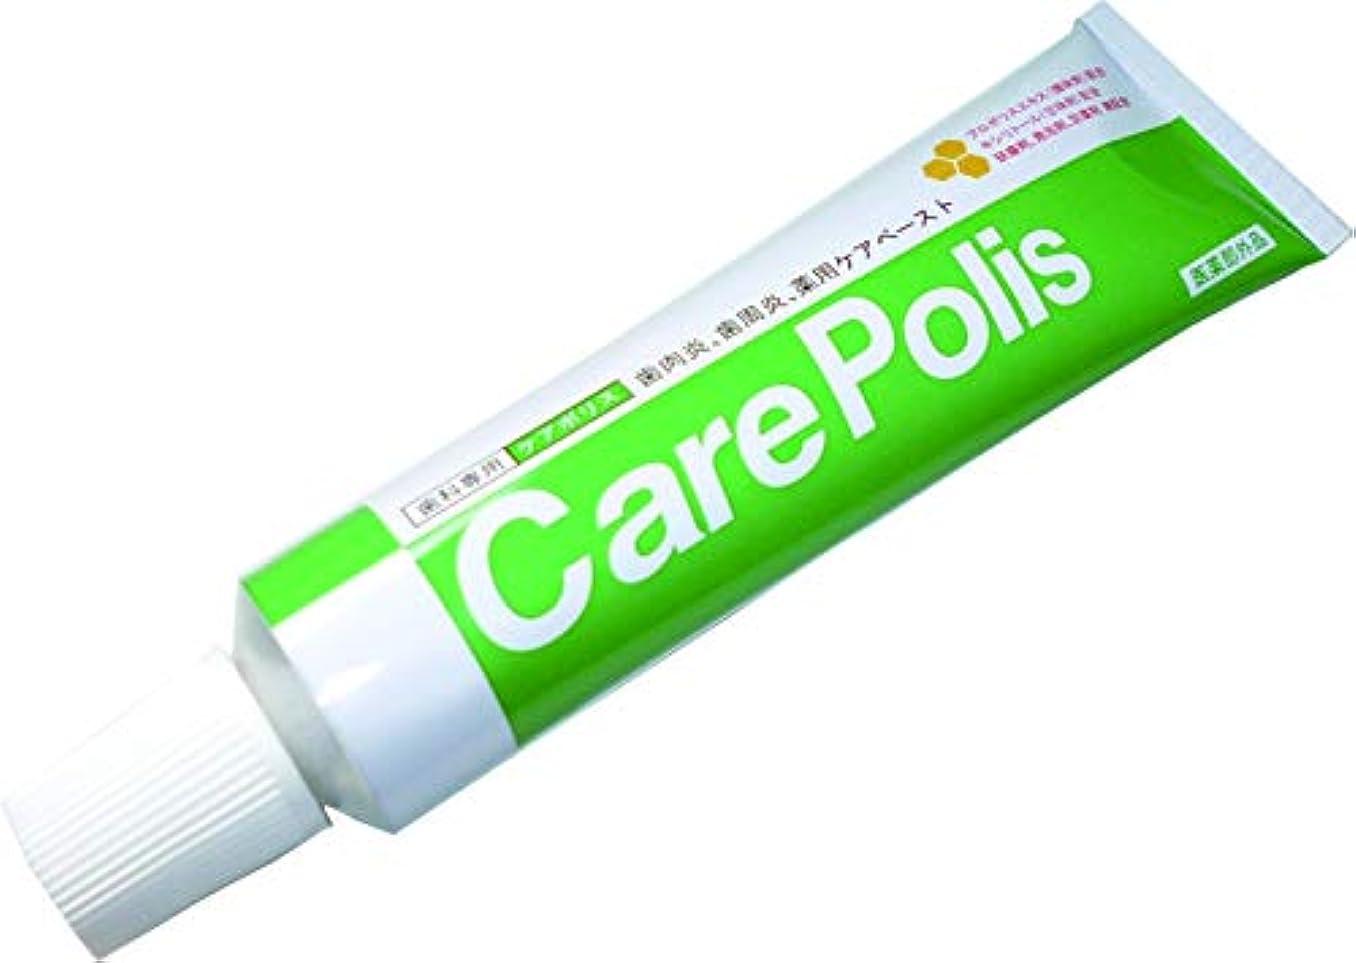 トライアスリートびっくりレインコート薬用歯磨 ケアポリス 75g 医薬部外品